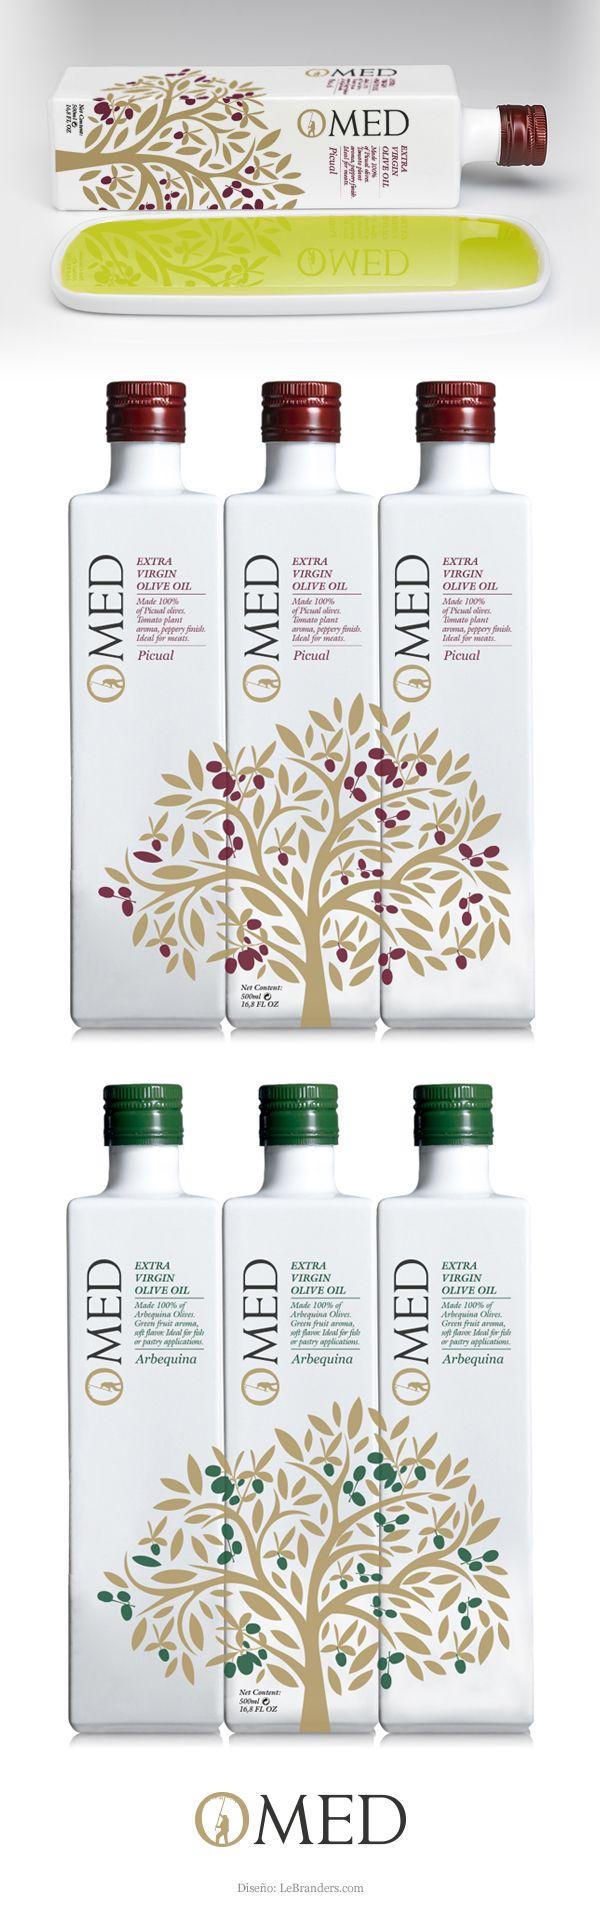 Packaging para el 10º Aniversario de Omed - Designed by LeBranders. Nice olive oil packaging designs PD